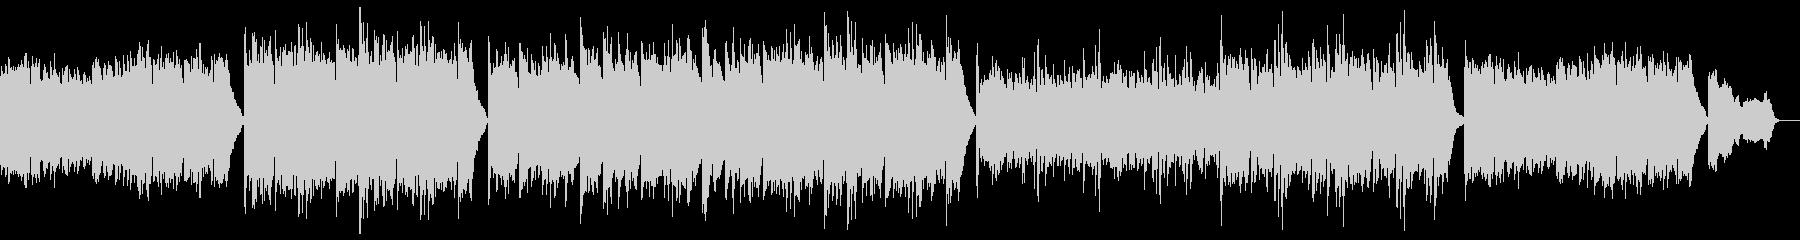 優しく落ち着くピアノポップ:フルx1の未再生の波形